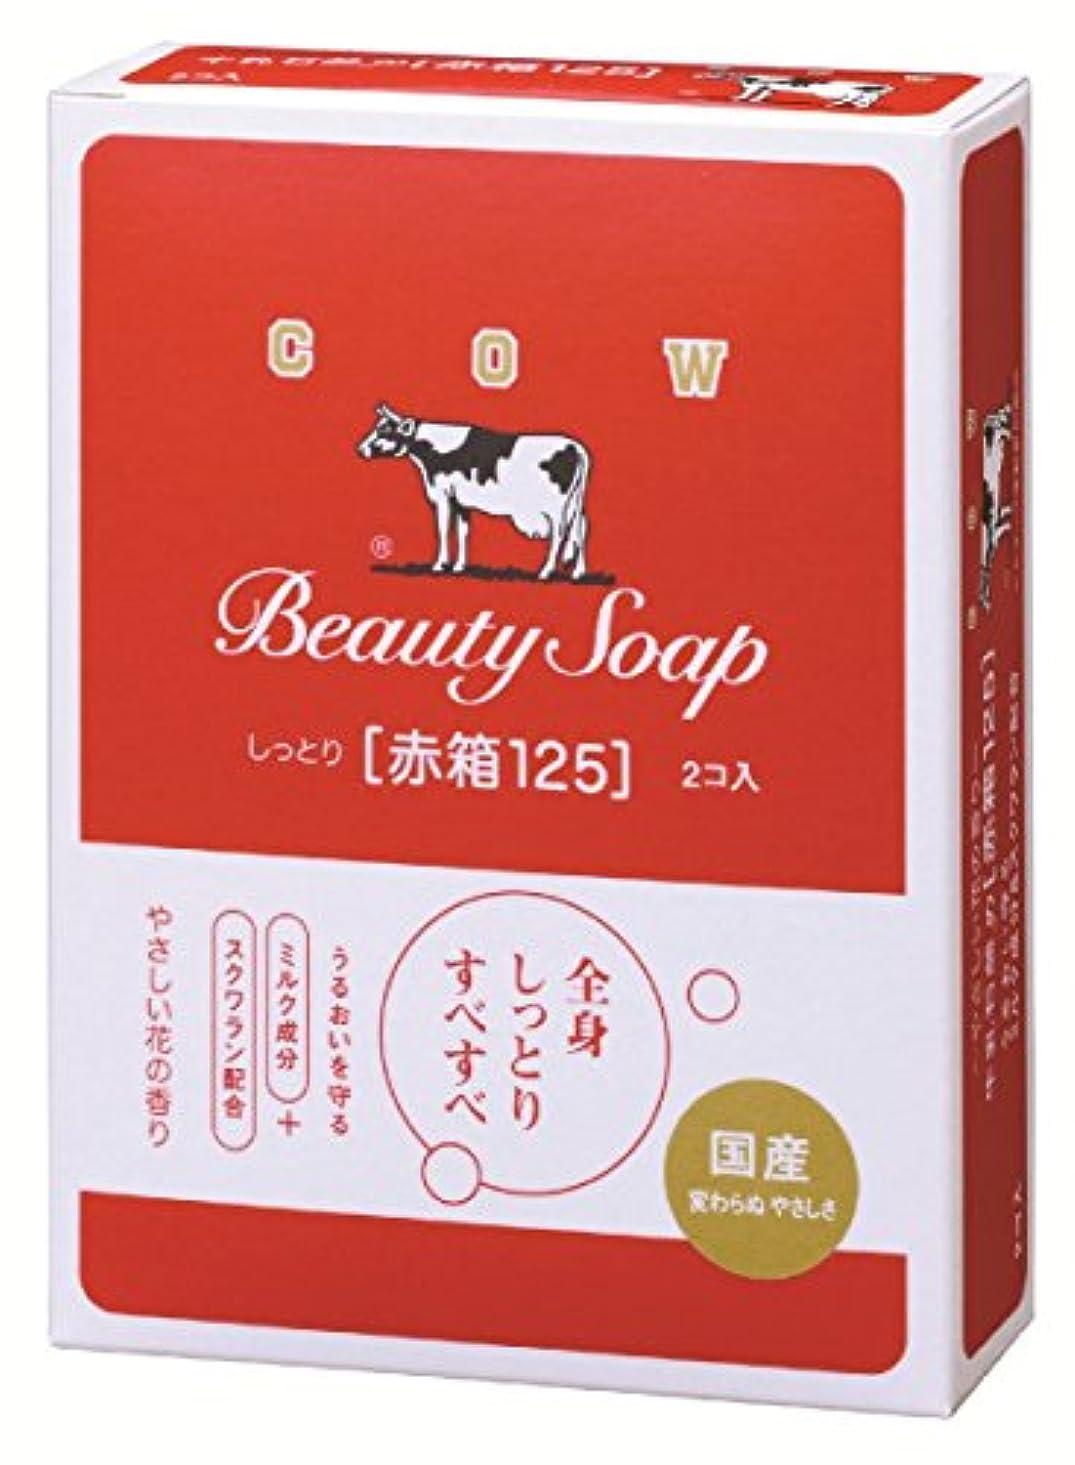 気味の悪いレプリカビタミンカウブランド赤箱 125g×2個入